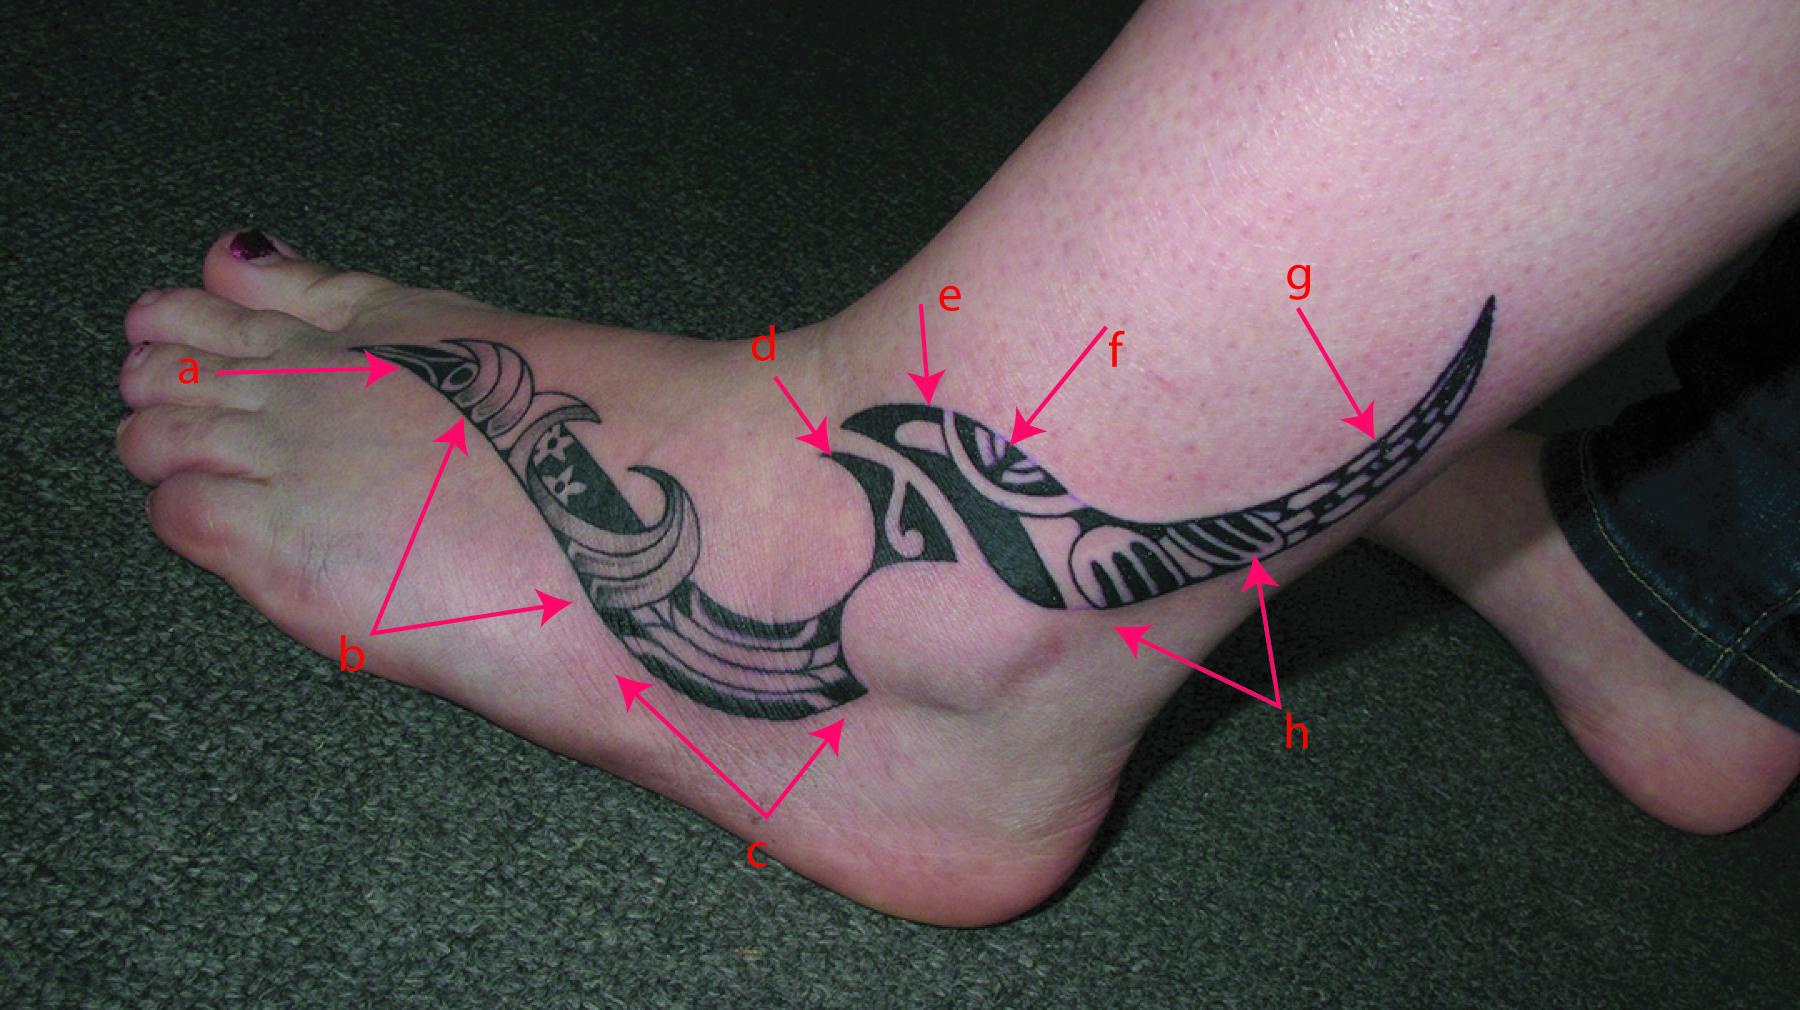 Ana'ole, Marquesan, Maori Foot Tattoo